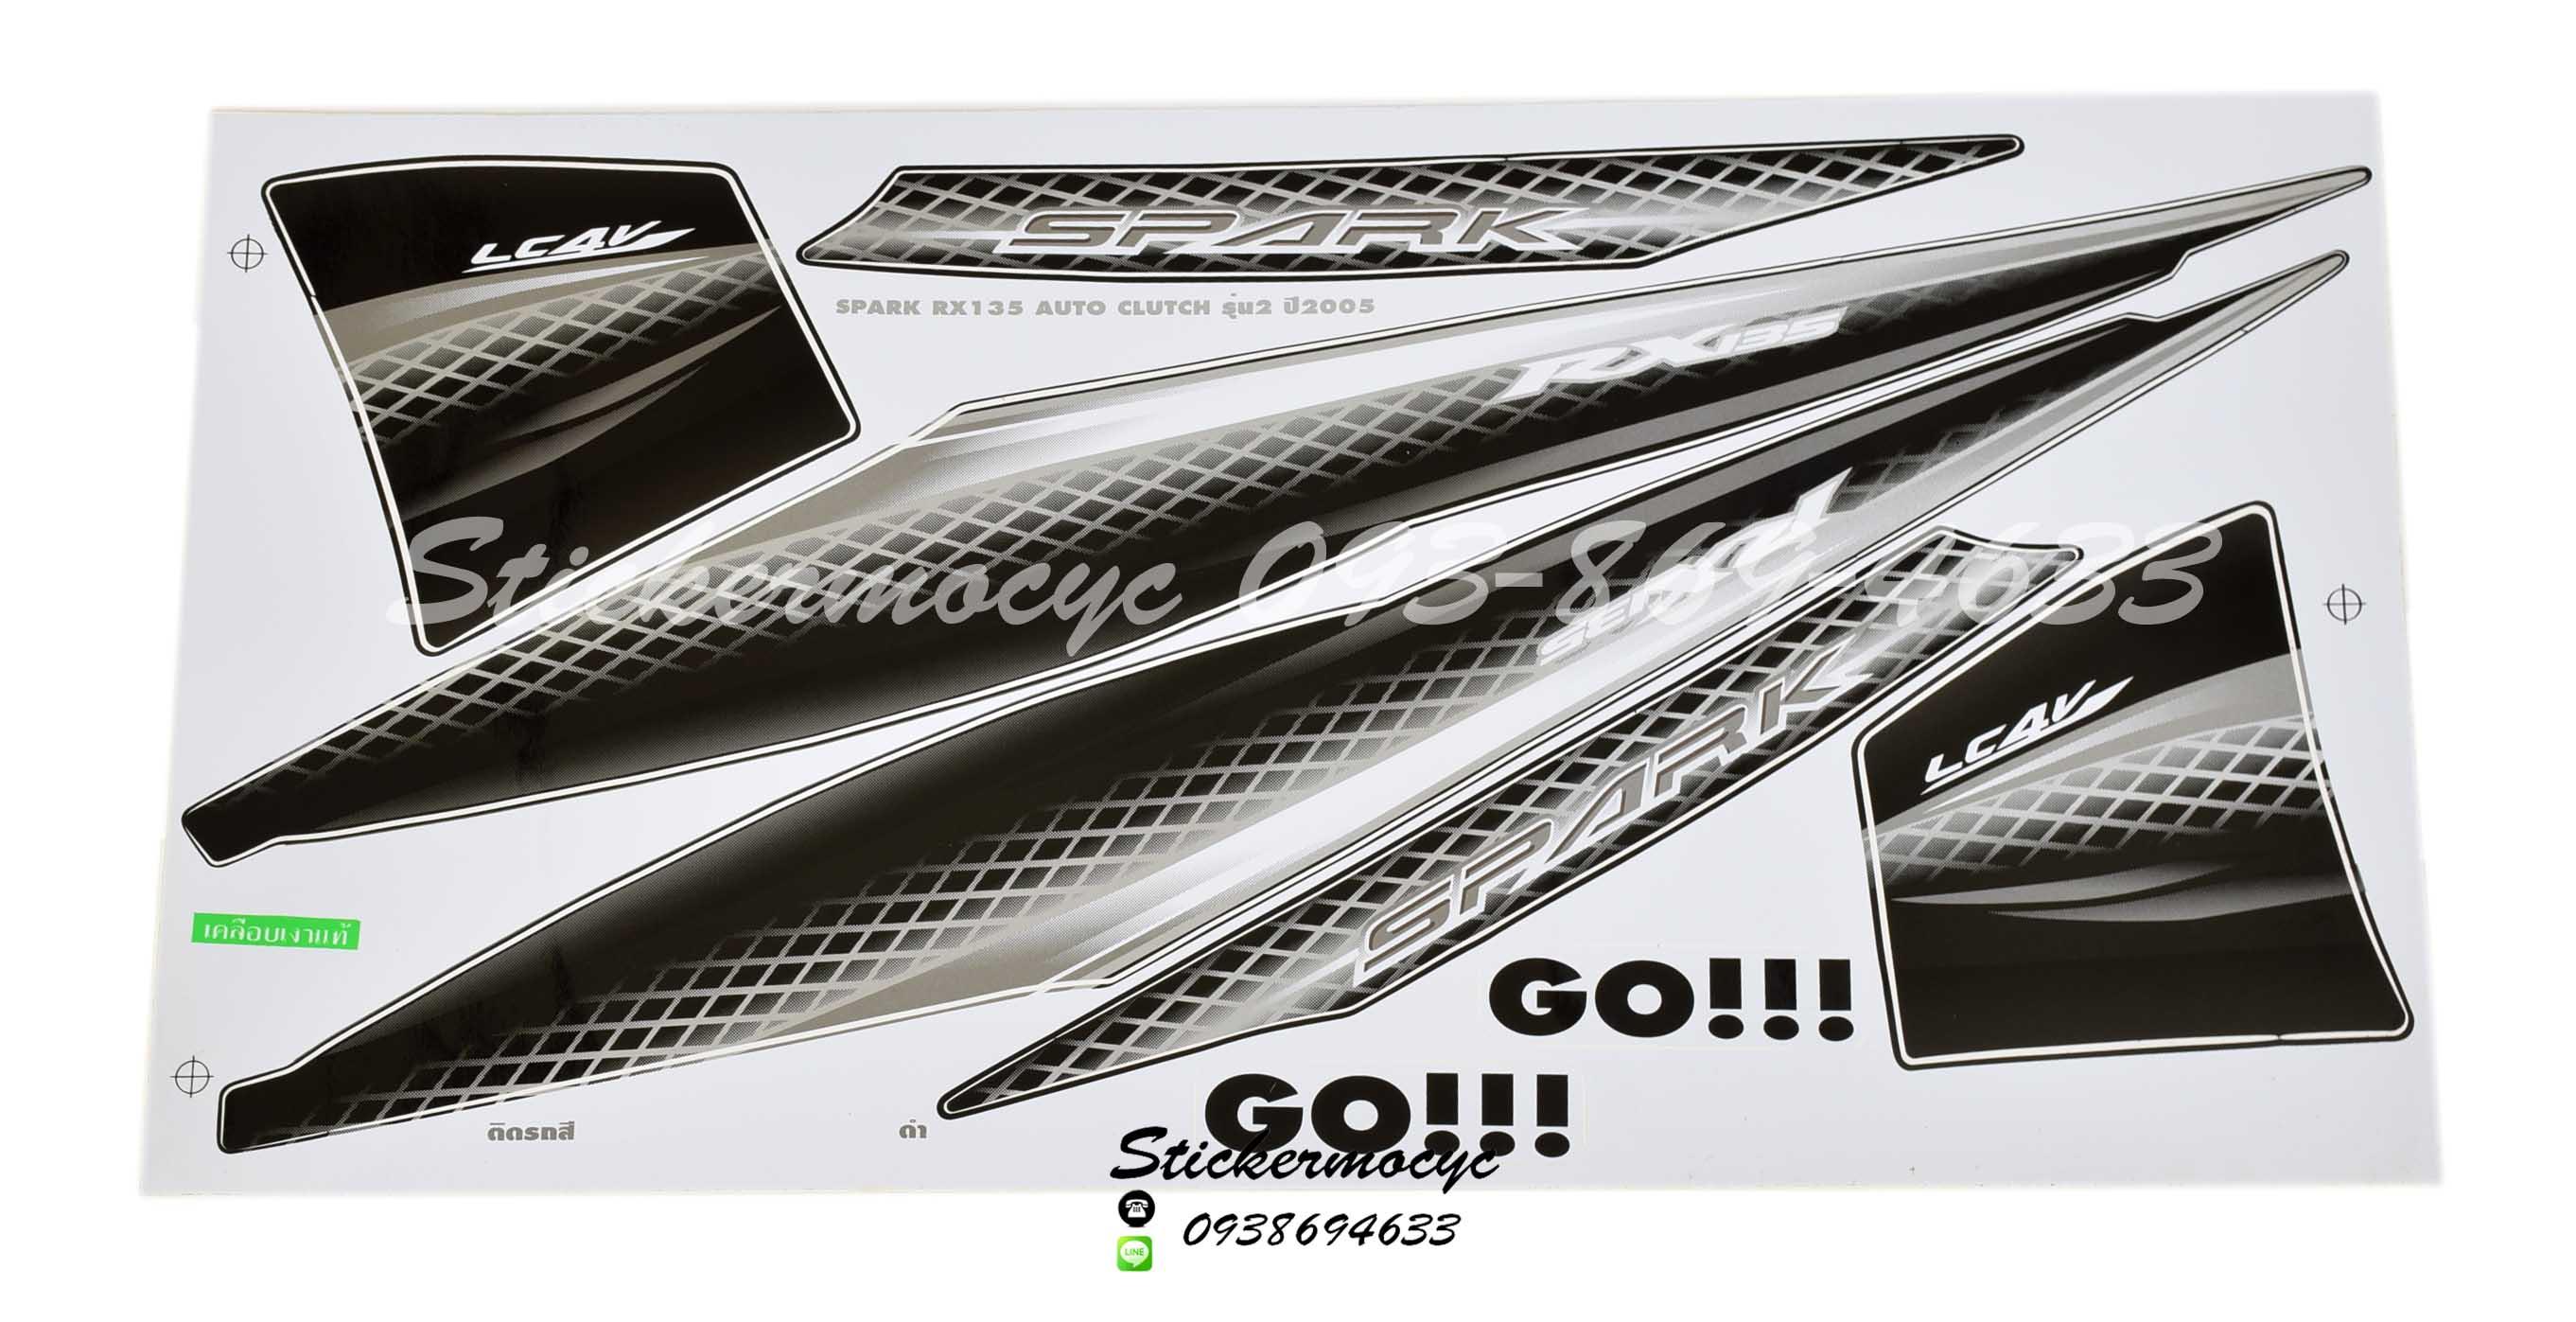 สติ๊กเกอร์ติดรถ มอเตอร์ไซค์ ยามาฮ่า สปาค 135 Sticker Yamaha Spark 135 ปี 2005 รุ่น 2 ติดรถ สีดํา (เคลือบเงาแท้)